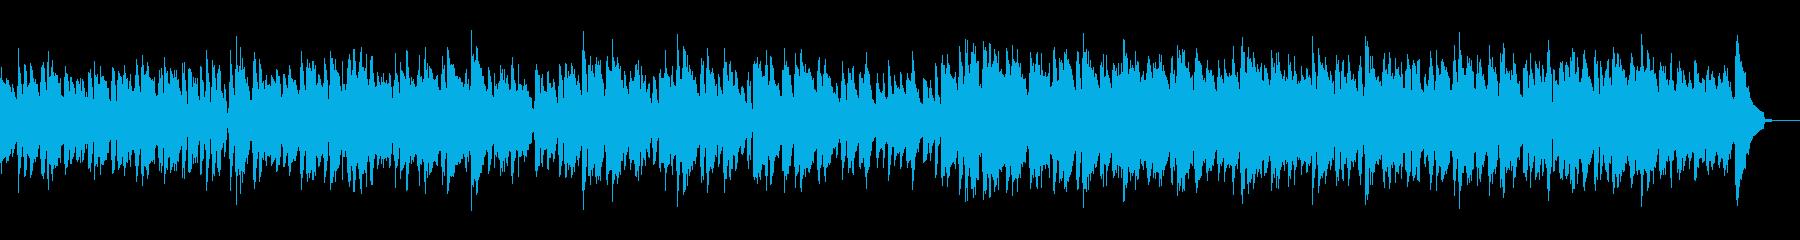 エレクトリックピアノのやさしいボサノバの再生済みの波形